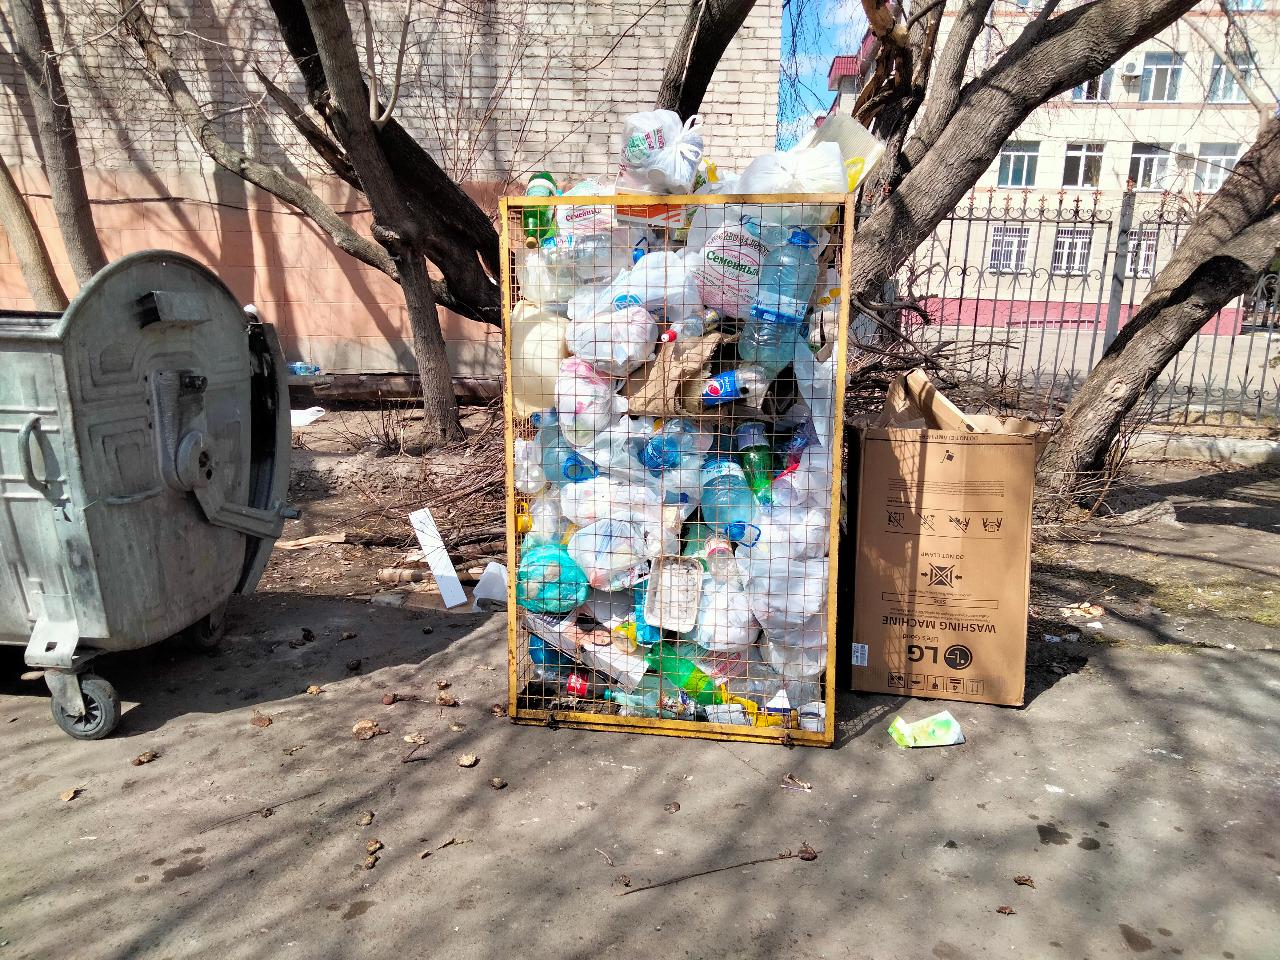 Житель Петропавловска украл мусорный контейнер и пытался продать